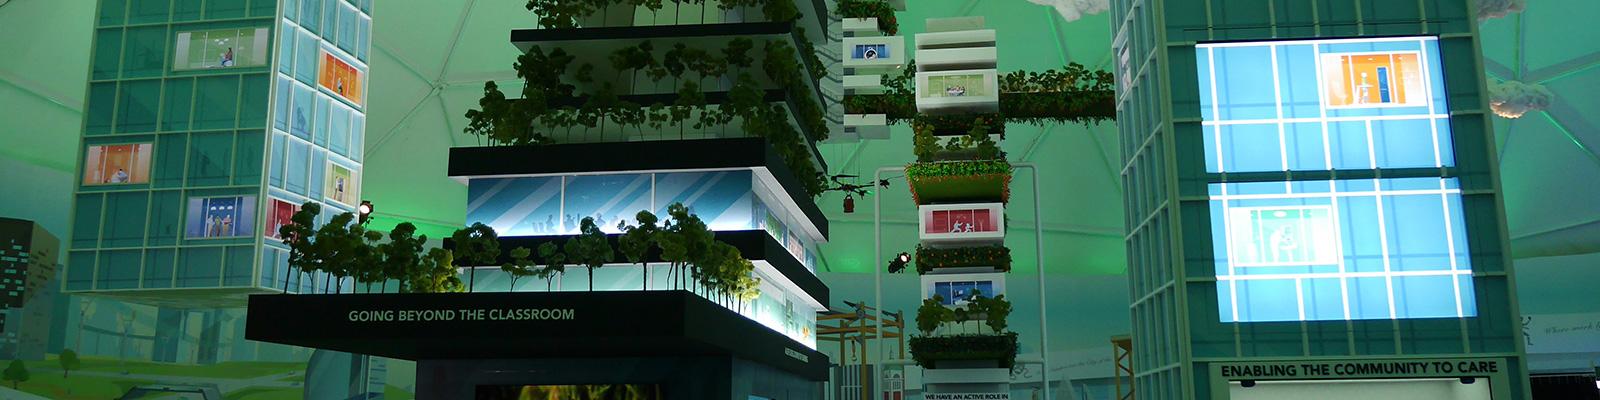 """展示会 """"Furure of Us"""" で、スマートシティの形が見えてきた"""